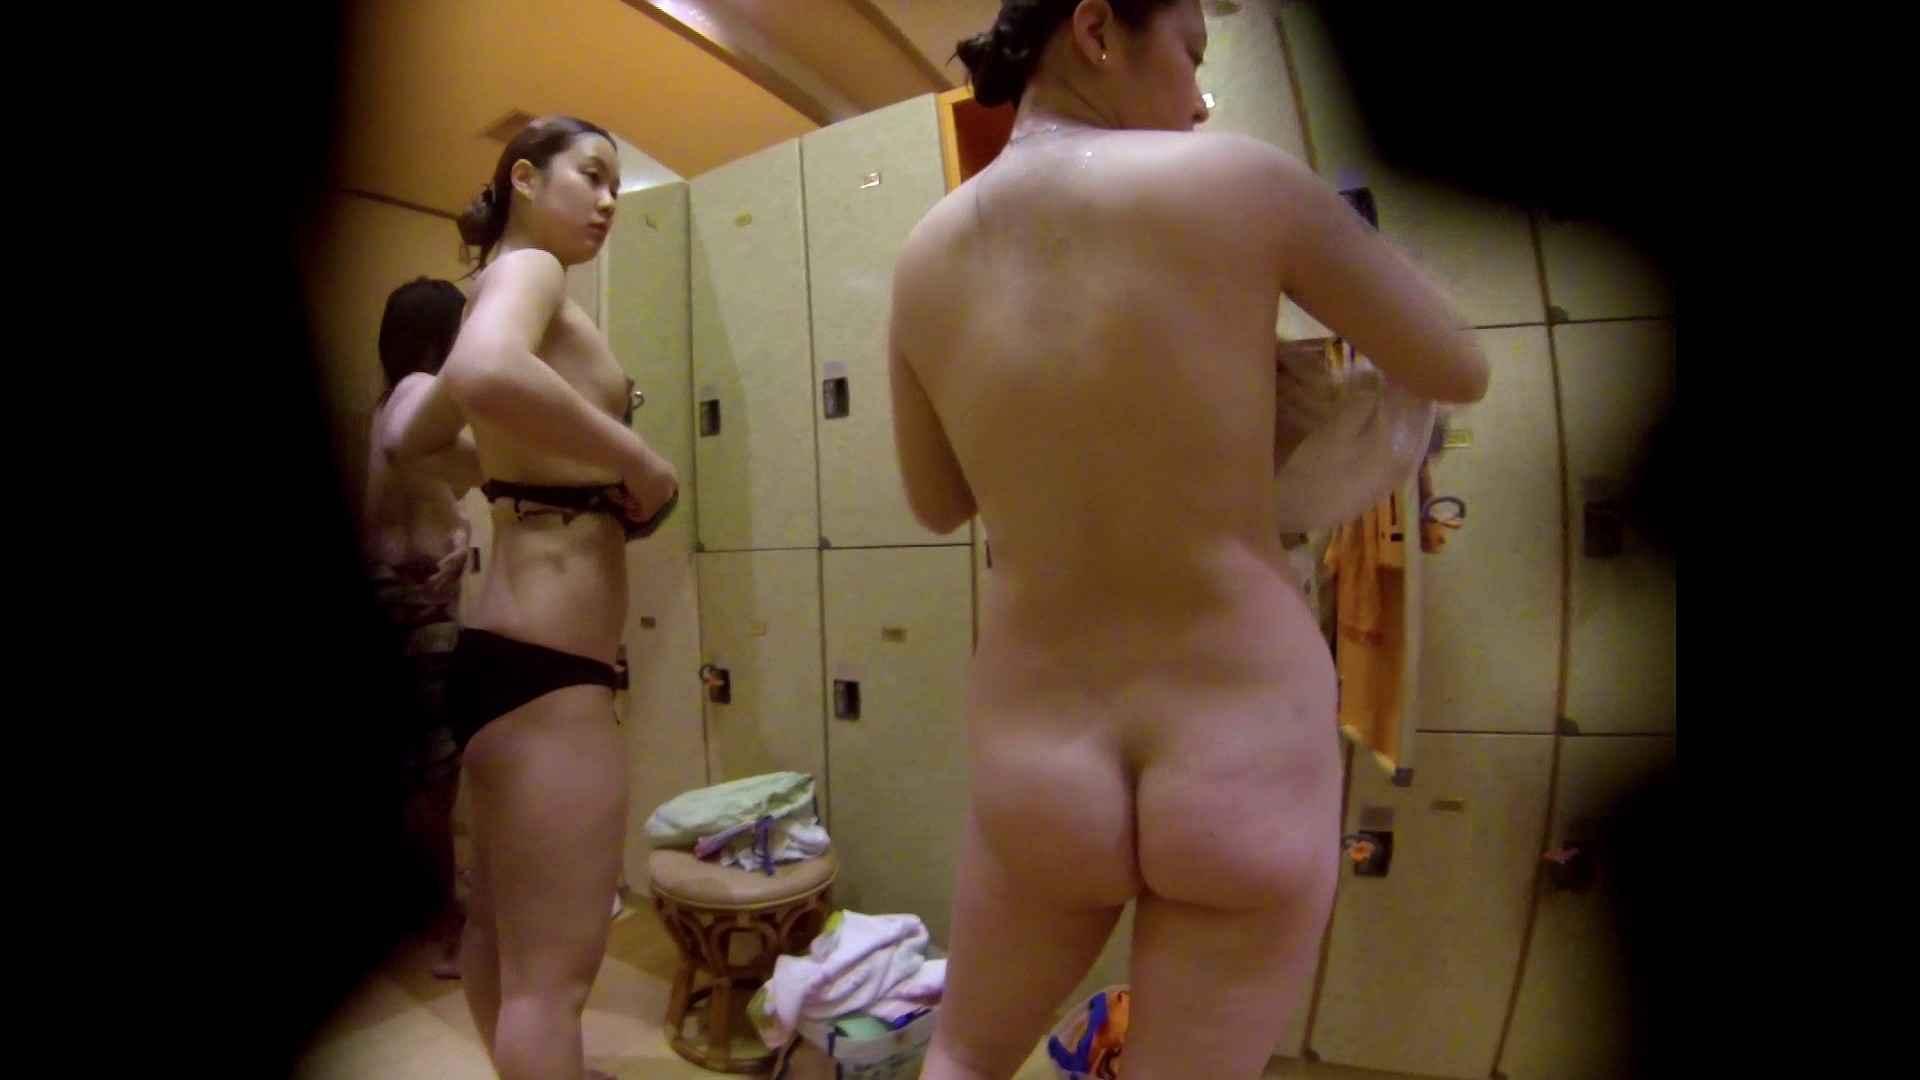 追い撮り!脱衣~洗い場、徹底追跡!撮り師さんに拍手!! 追跡  67PIX 57